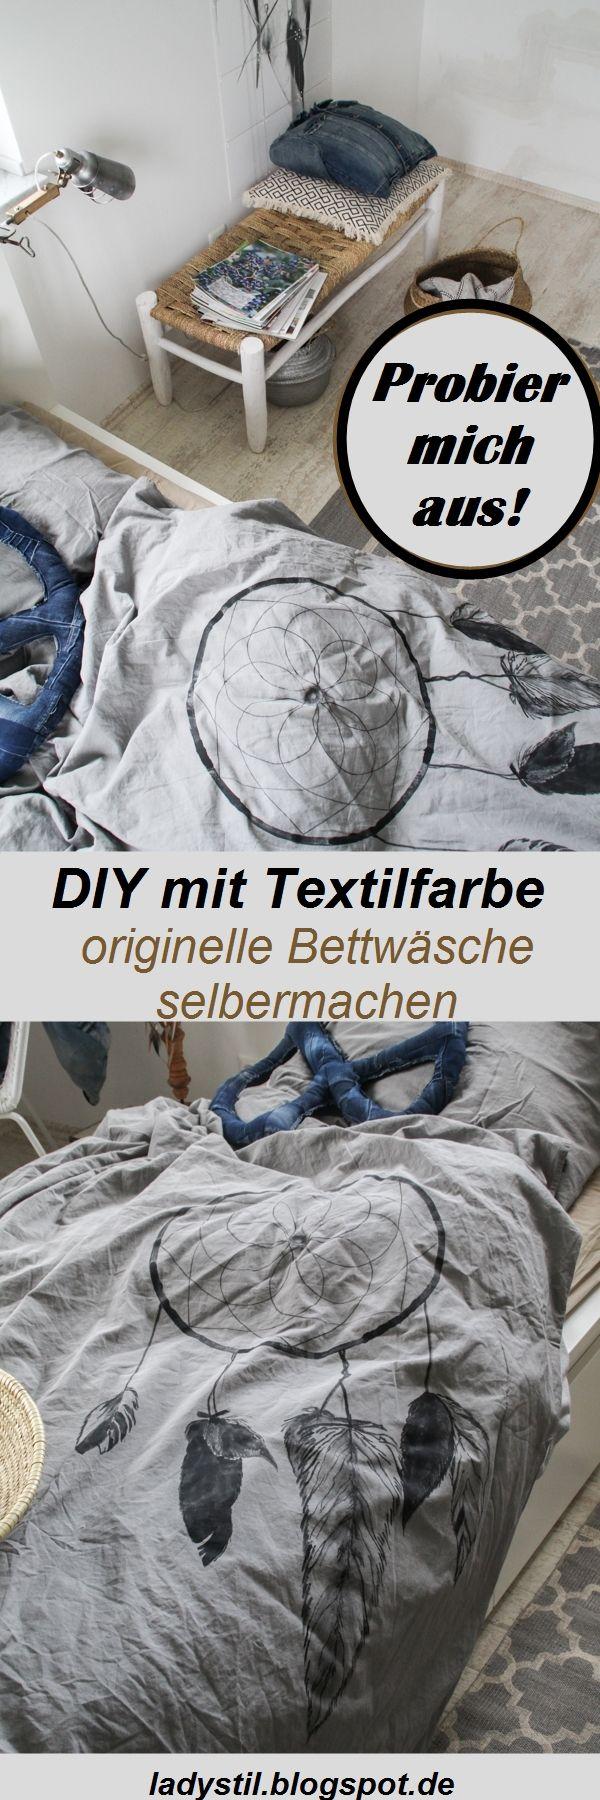 Nachmach-Tipps! Originelles DIY für Bettwäsche mit Textilfarbe!